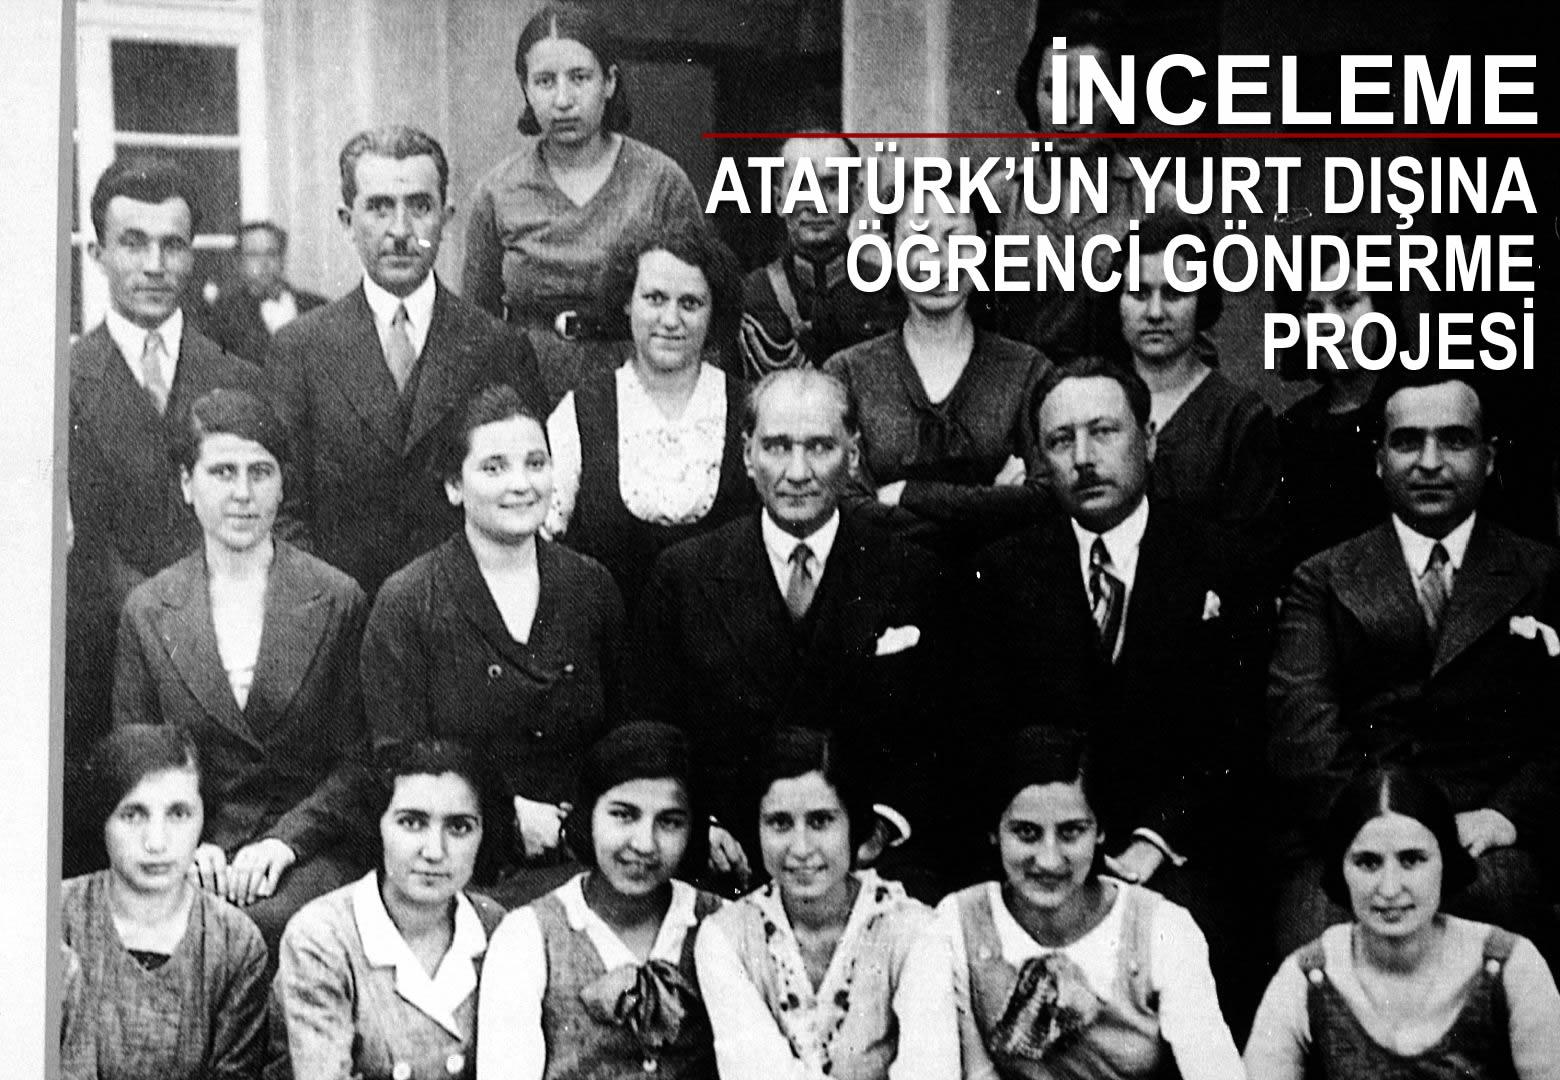 İNCELEME: ATATÜRK'ÜN YURT DIŞINA ÖĞRENCİ GÖNDERME PROJESİ